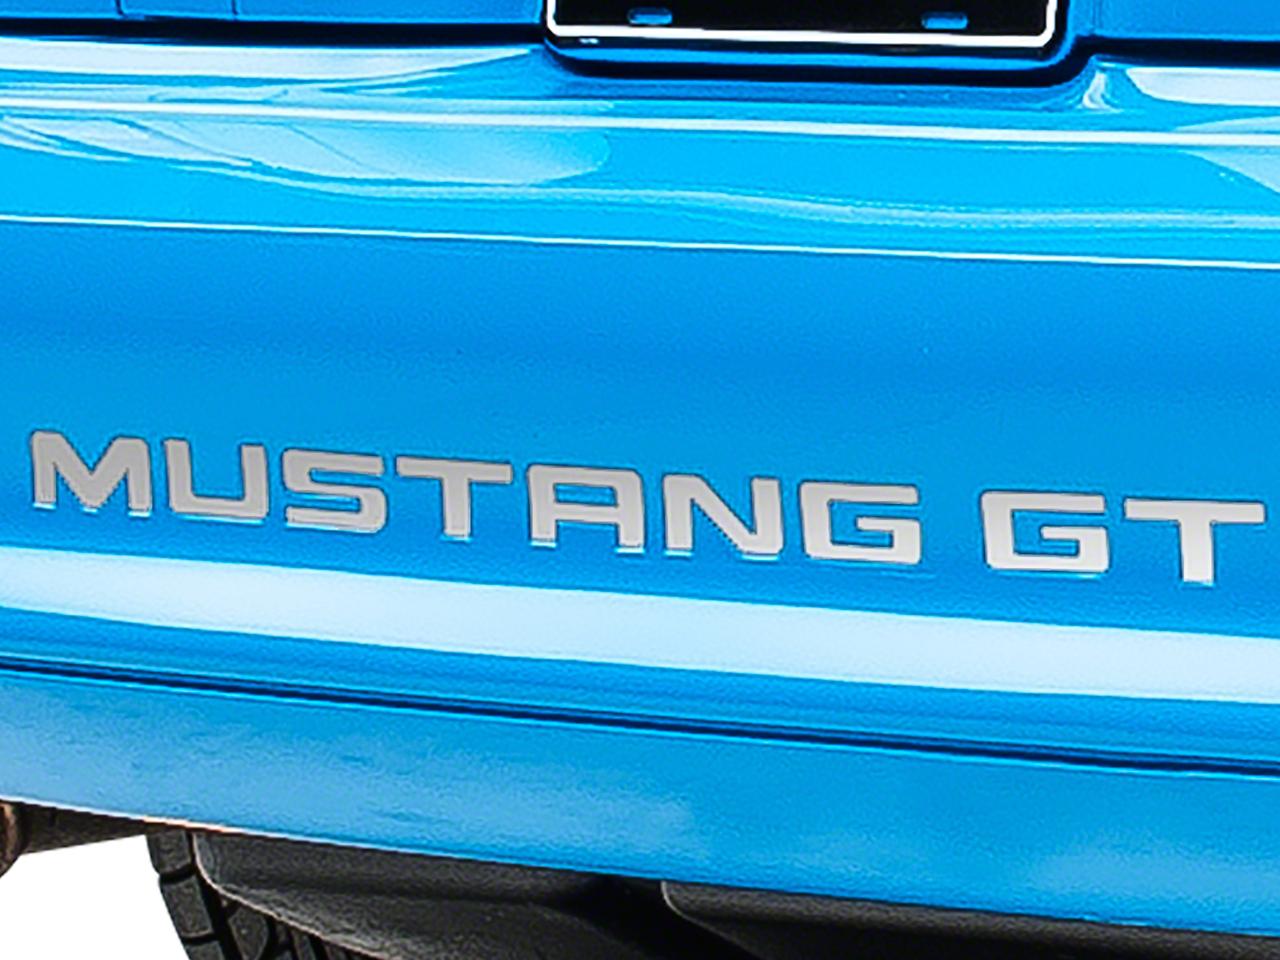 Stainless Steel Vinyl Bumper Insert Letters (94-98 GT, V6; 94-95 Cobra)